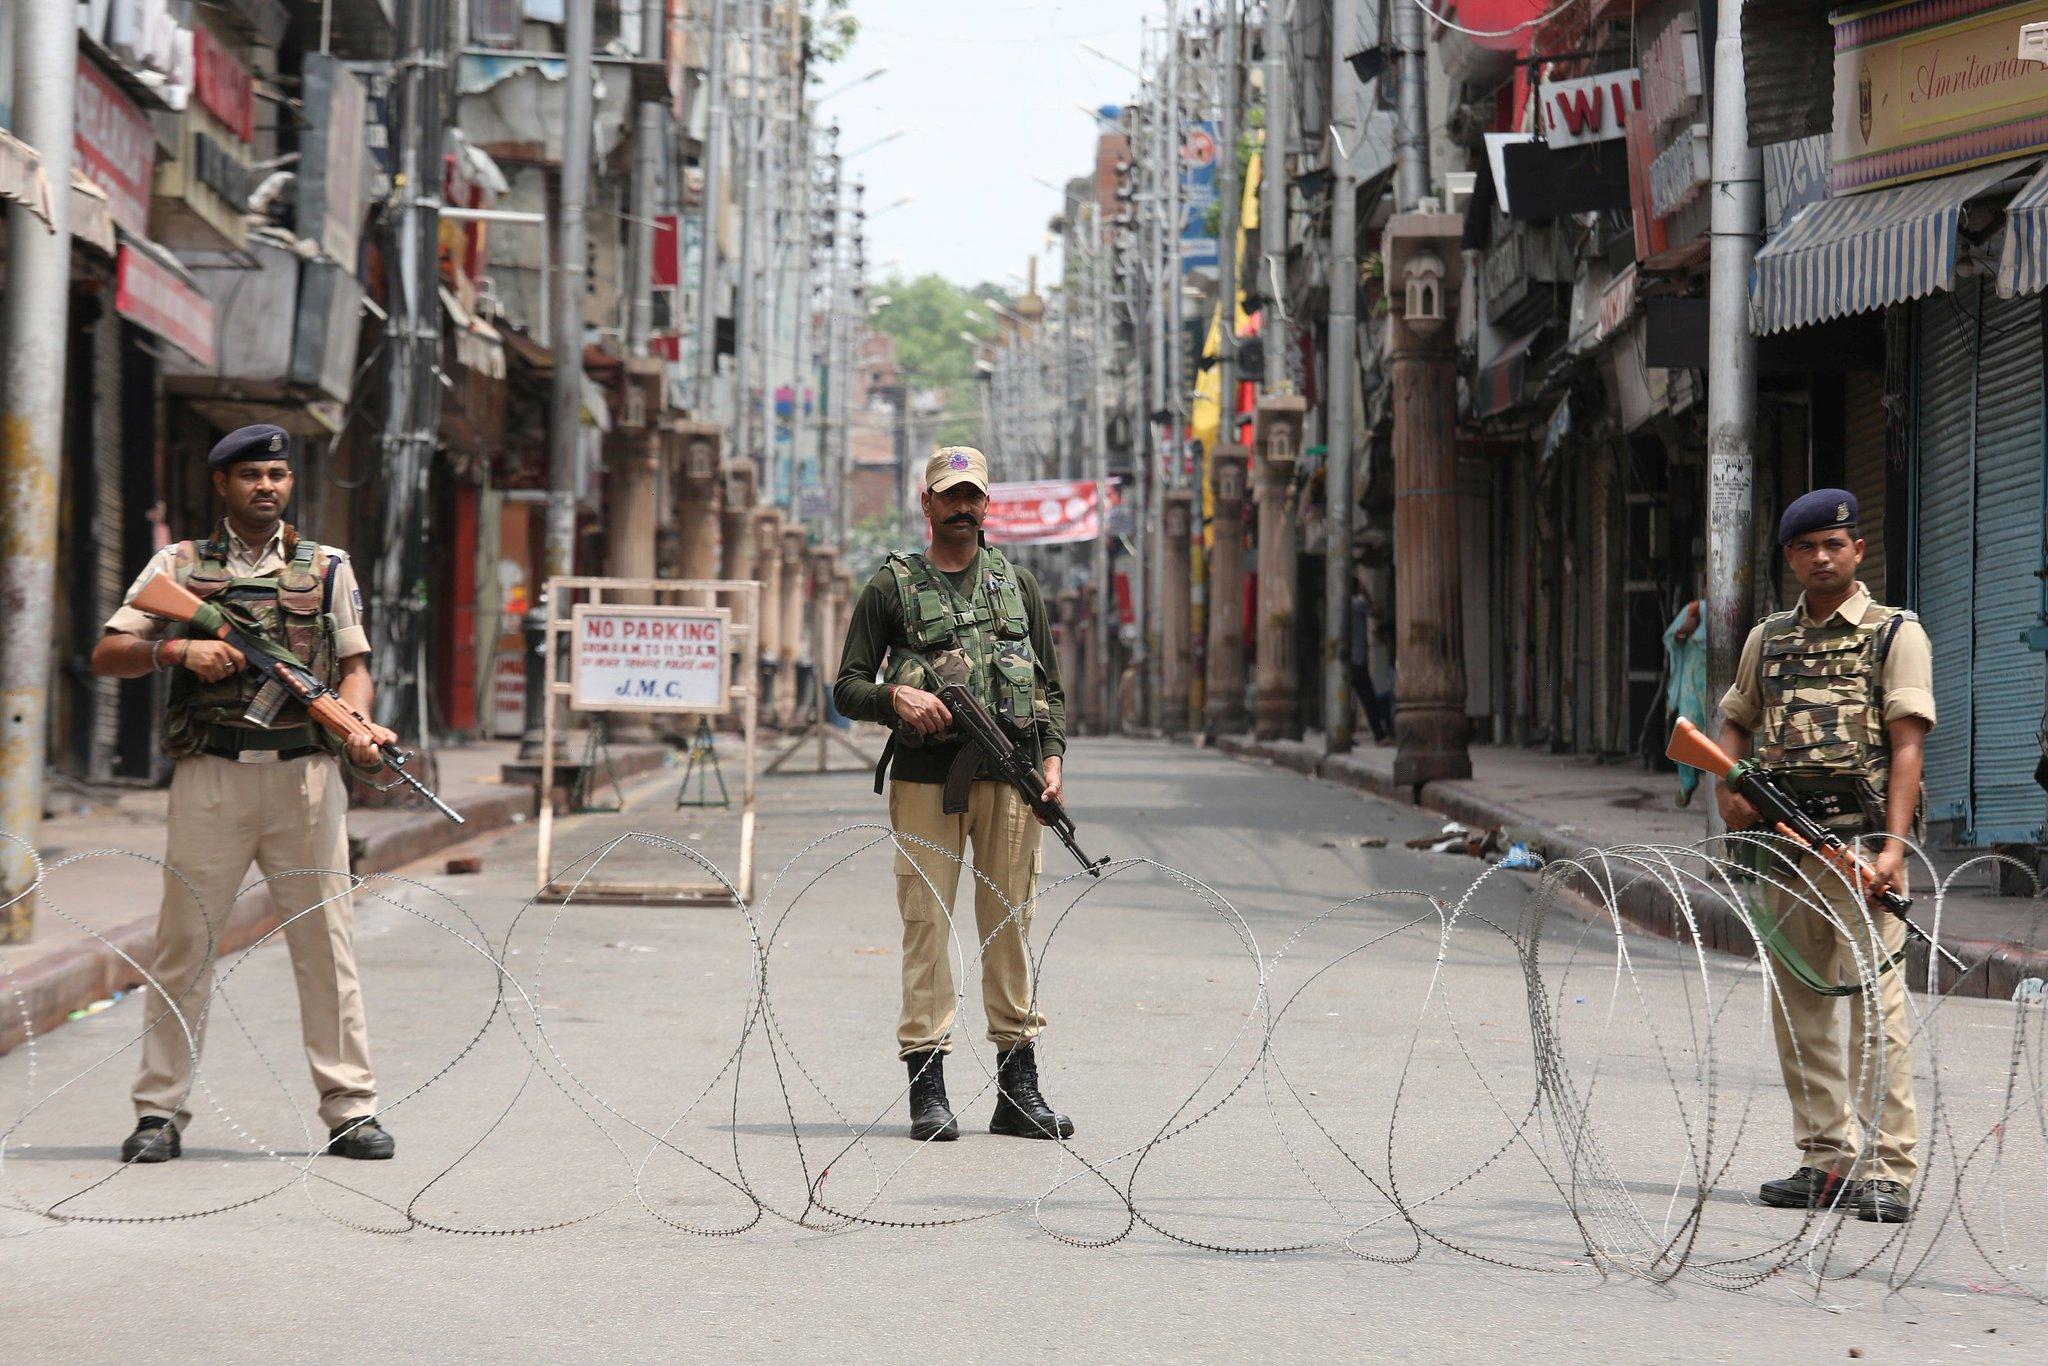 Джаму и Кашмир является очагом напряженности в регионе